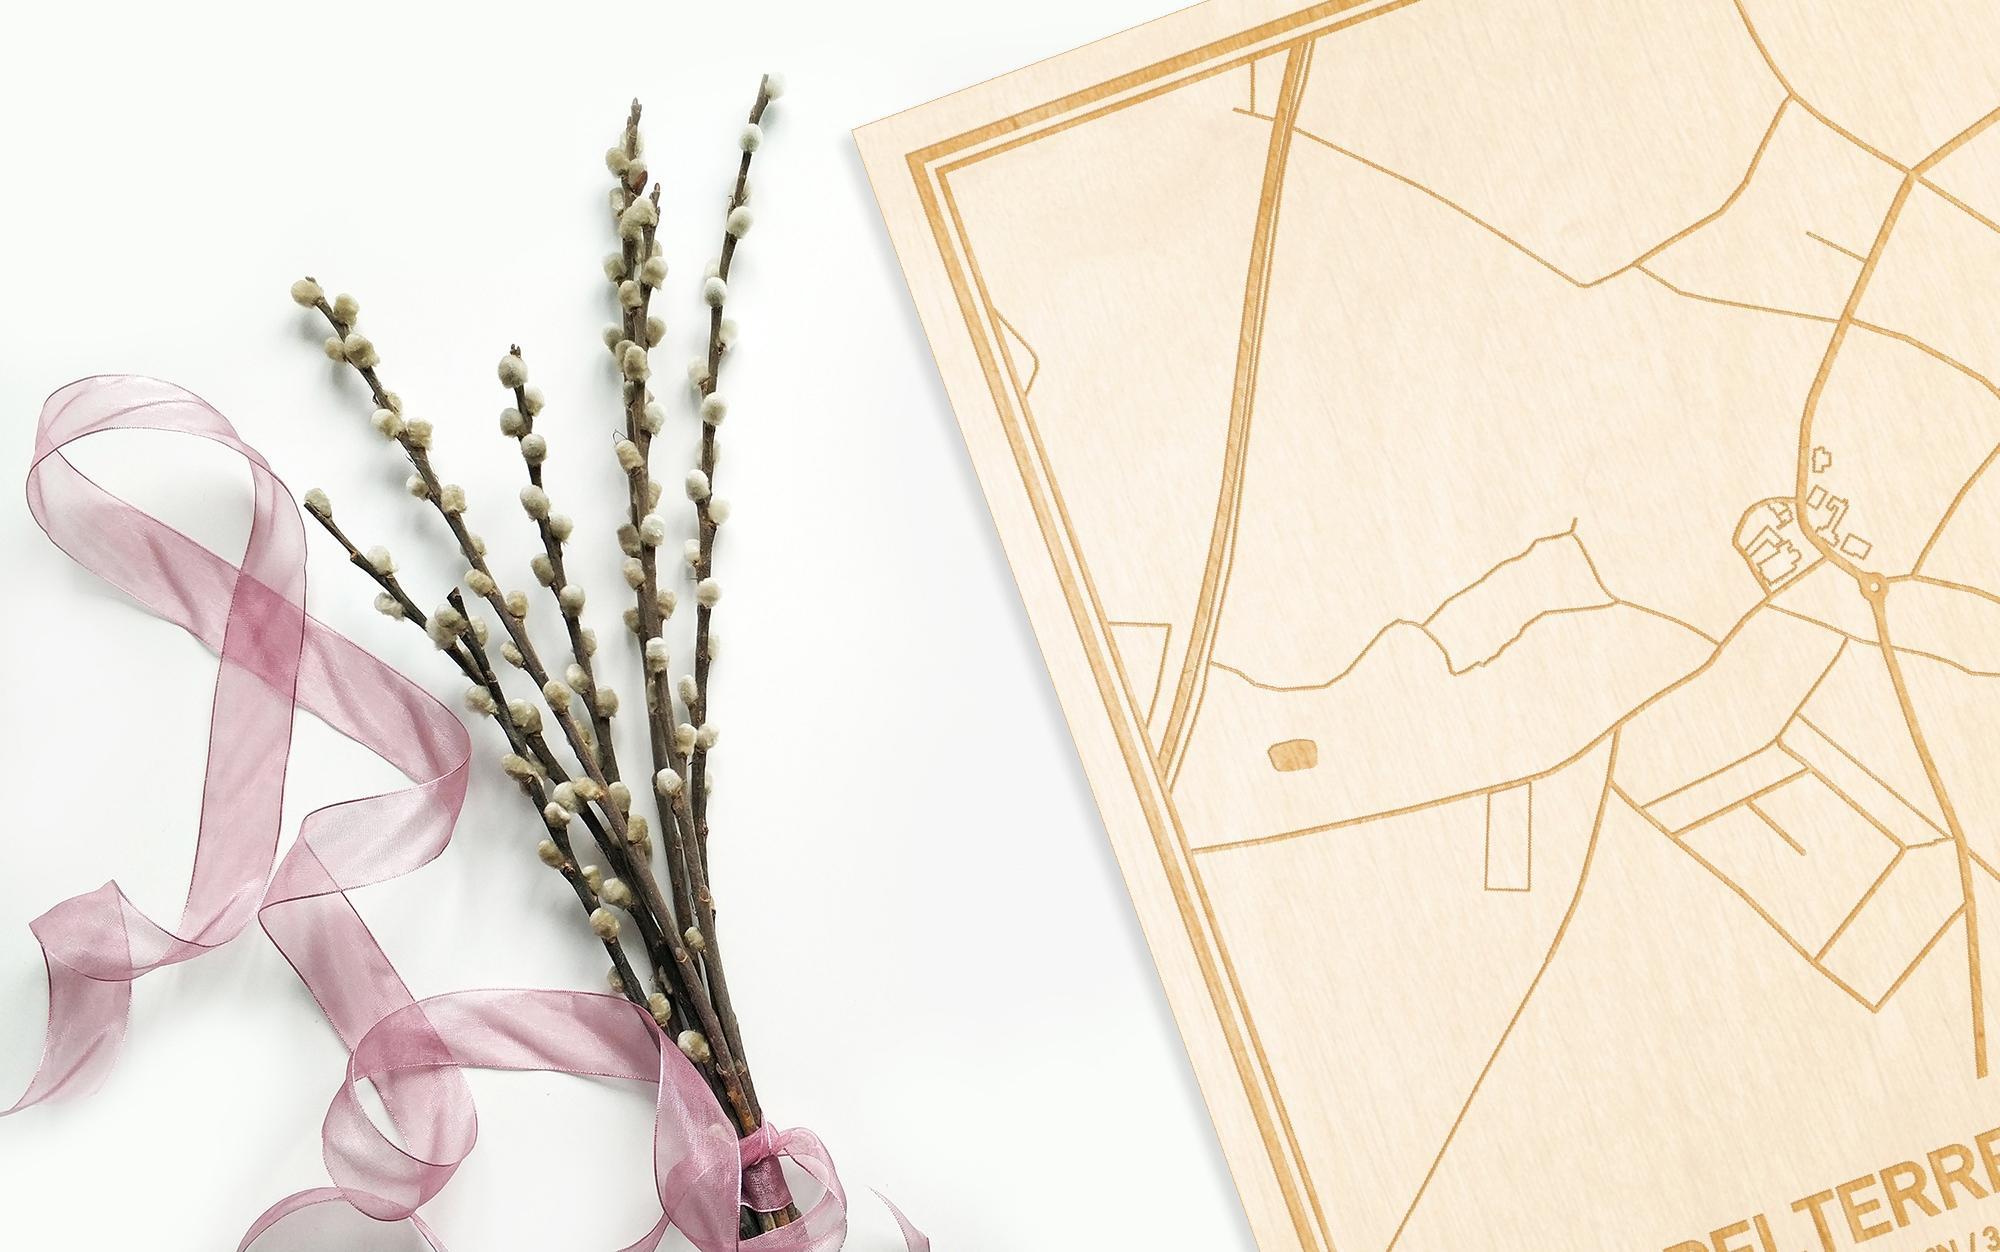 Hier ligt de houten plattegrond Appelterre-Eichem naast een bloemetje als gepersonaliseerd cadeau voor haar.